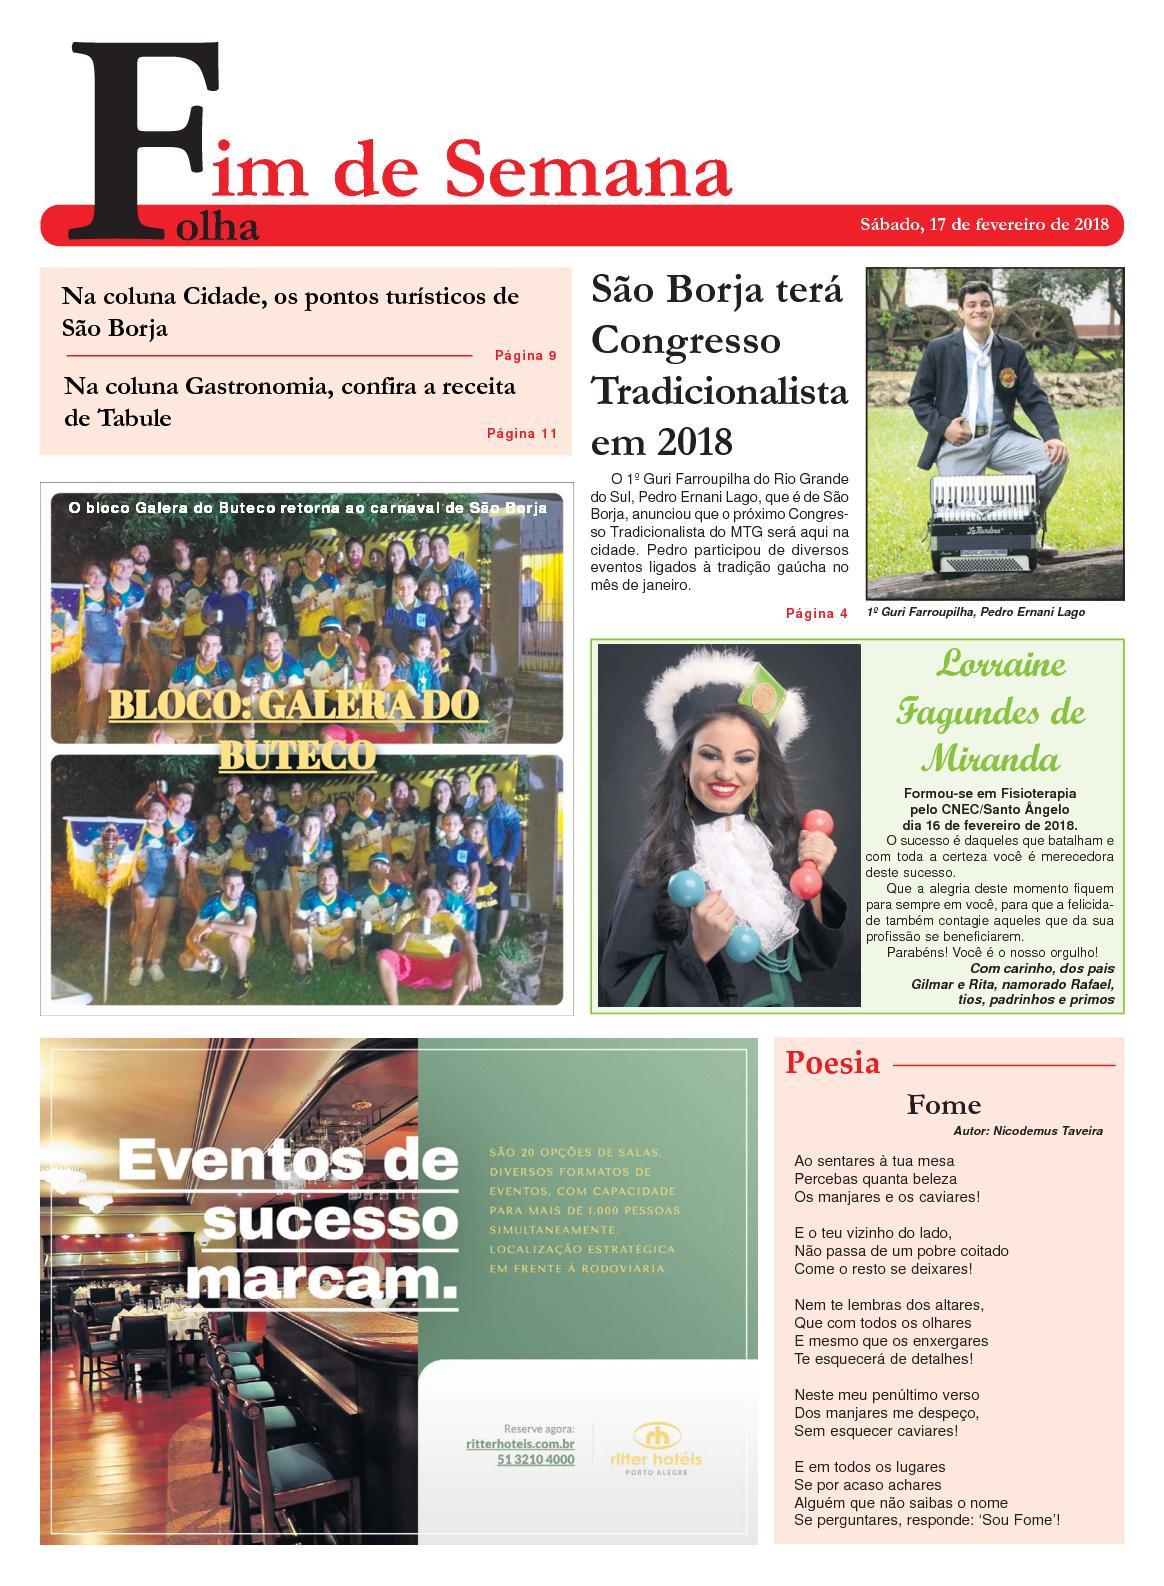 Aline Moraes Toda Nua calaméo - fim170218